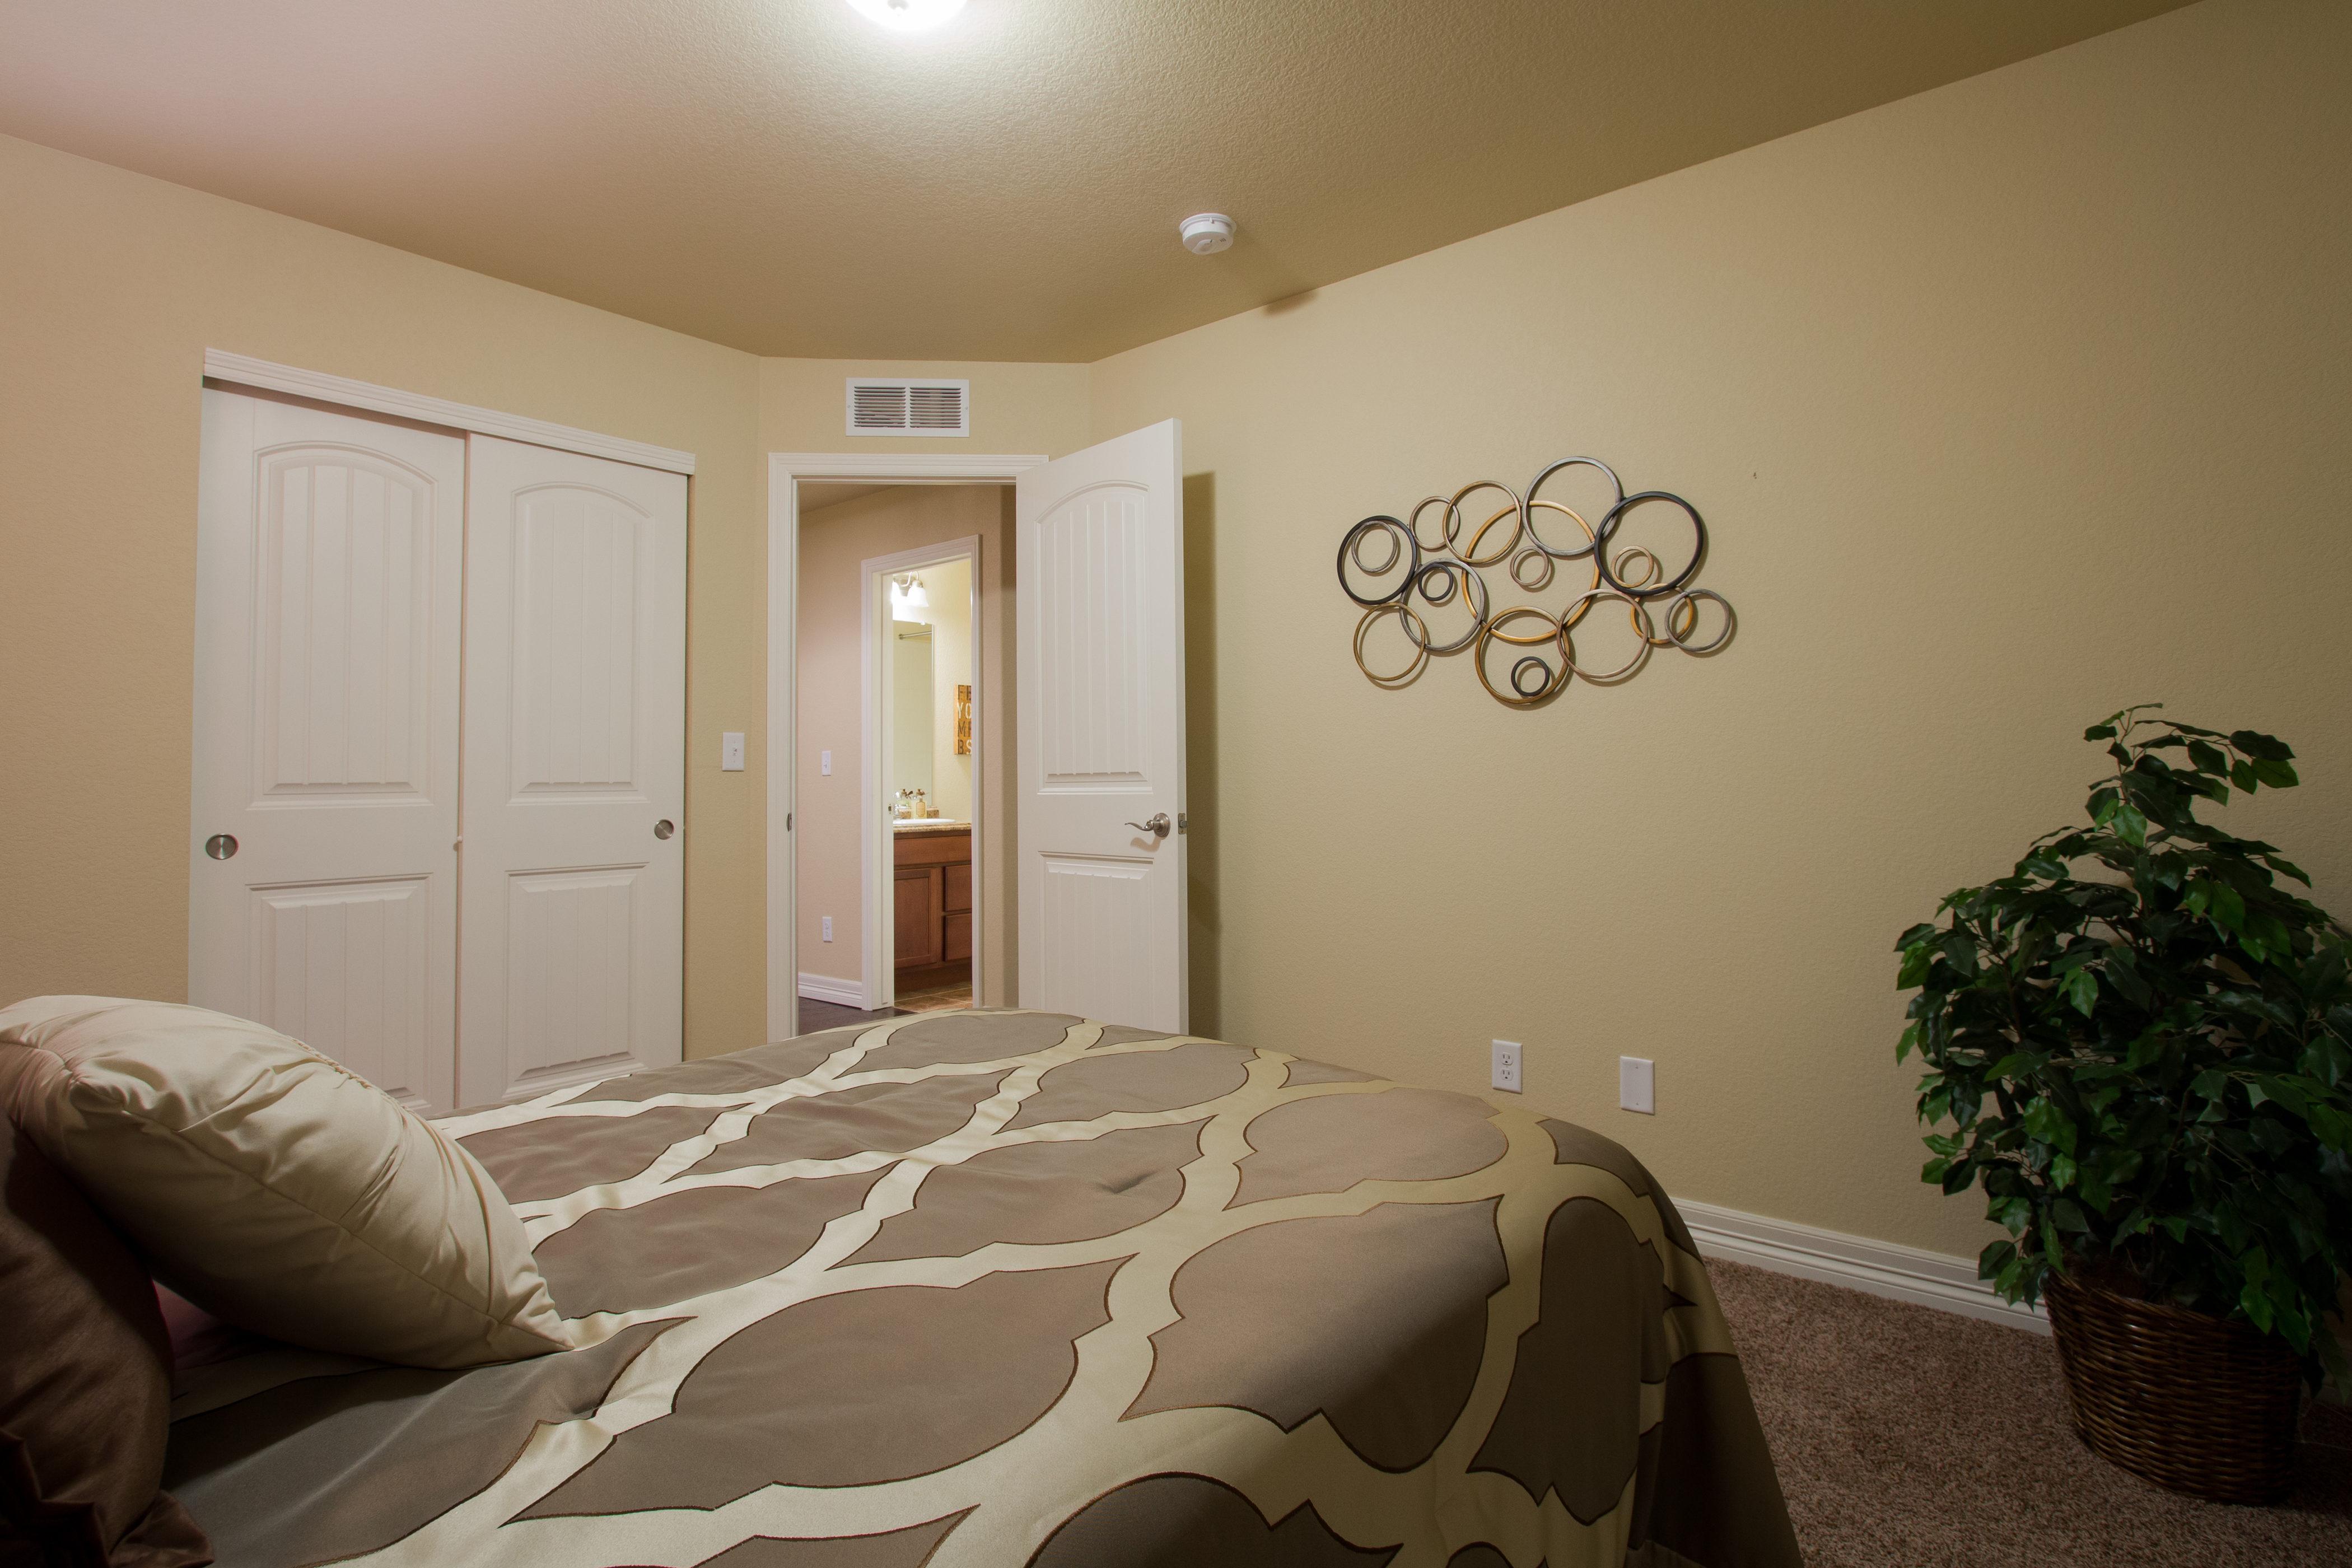 20-silverthorne-milliken-bedroom_2-new_house